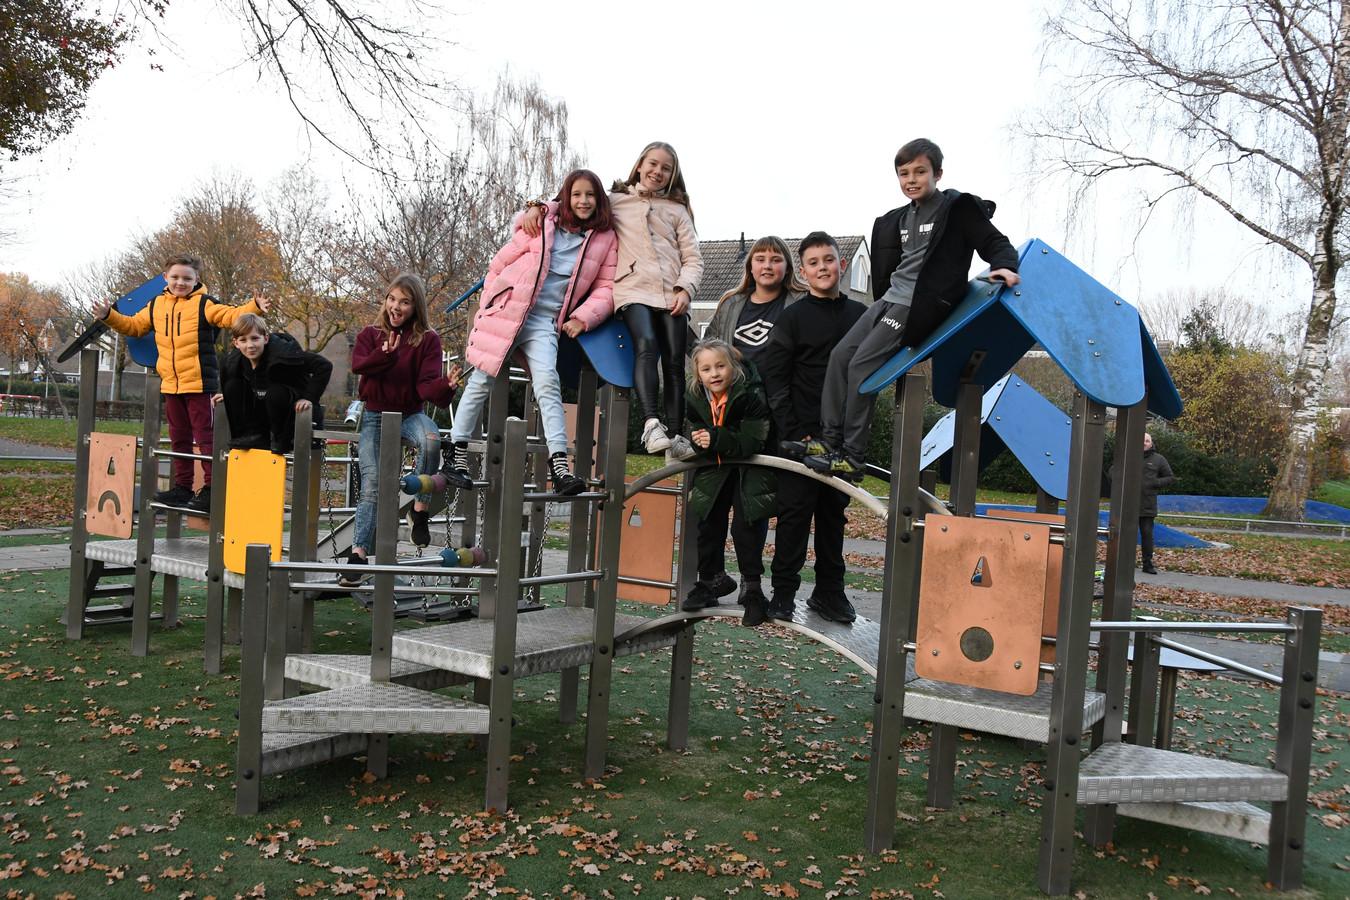 De speeltuin die zich bevindt tussen de Vijfde Reit en de Tweede Reitse Dreef is vooral interessant voor de allerkleinsten. Voor kinderen boven de zes is het allemaal een stuk minder spannend. Maar voor een foto wil deze groep tieners best een uitzondering maken...